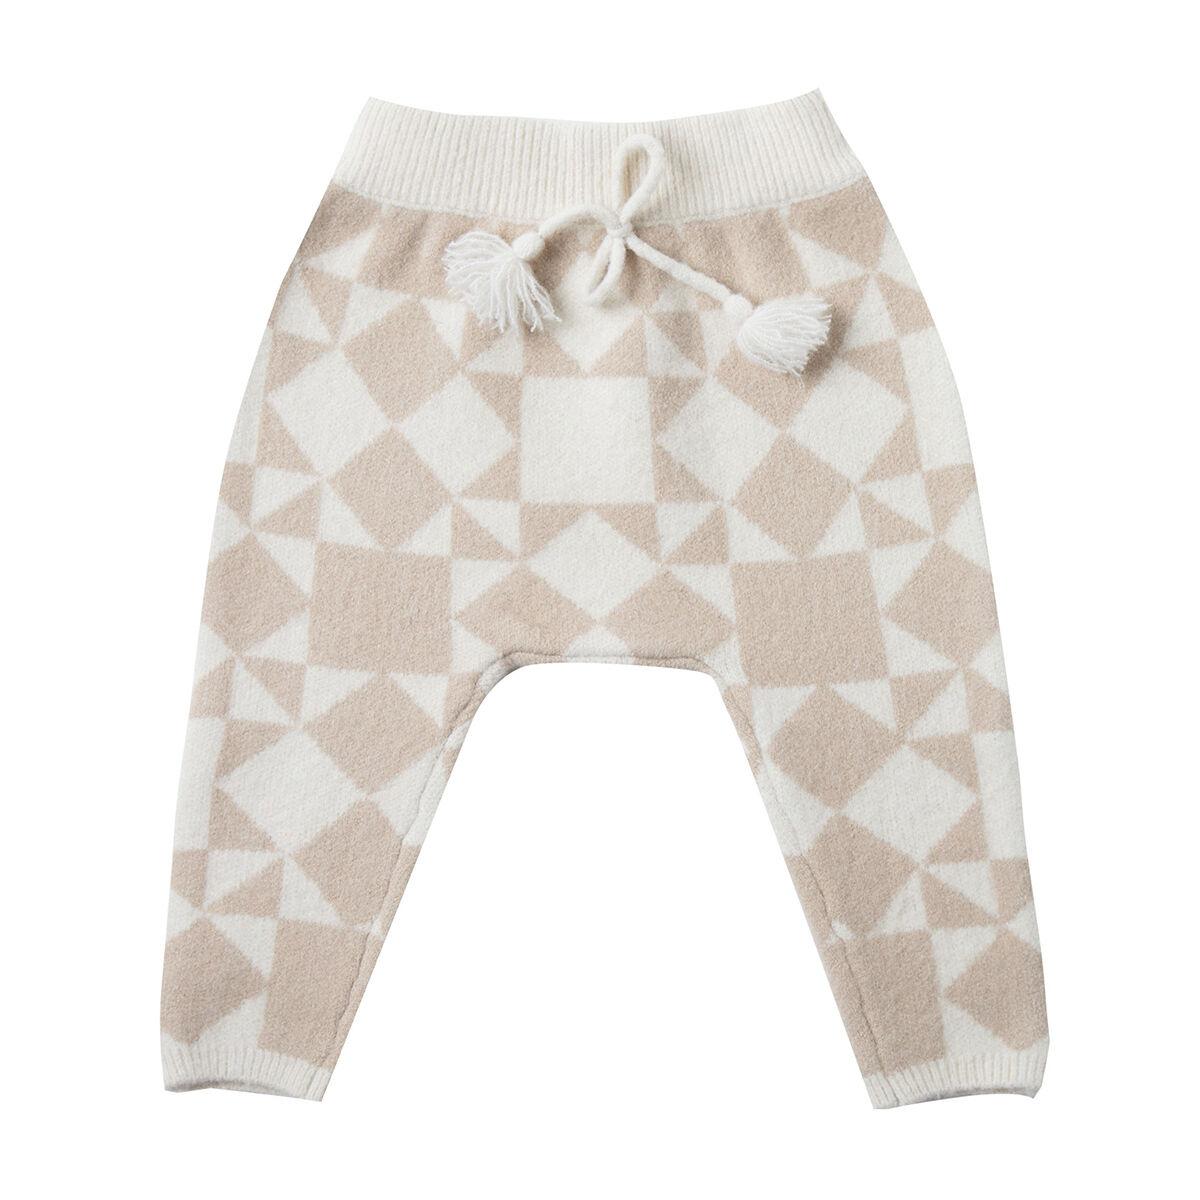 Rylee + Cru Pantalon Patchwork Jacquard Ivoire - 18/24 Mois